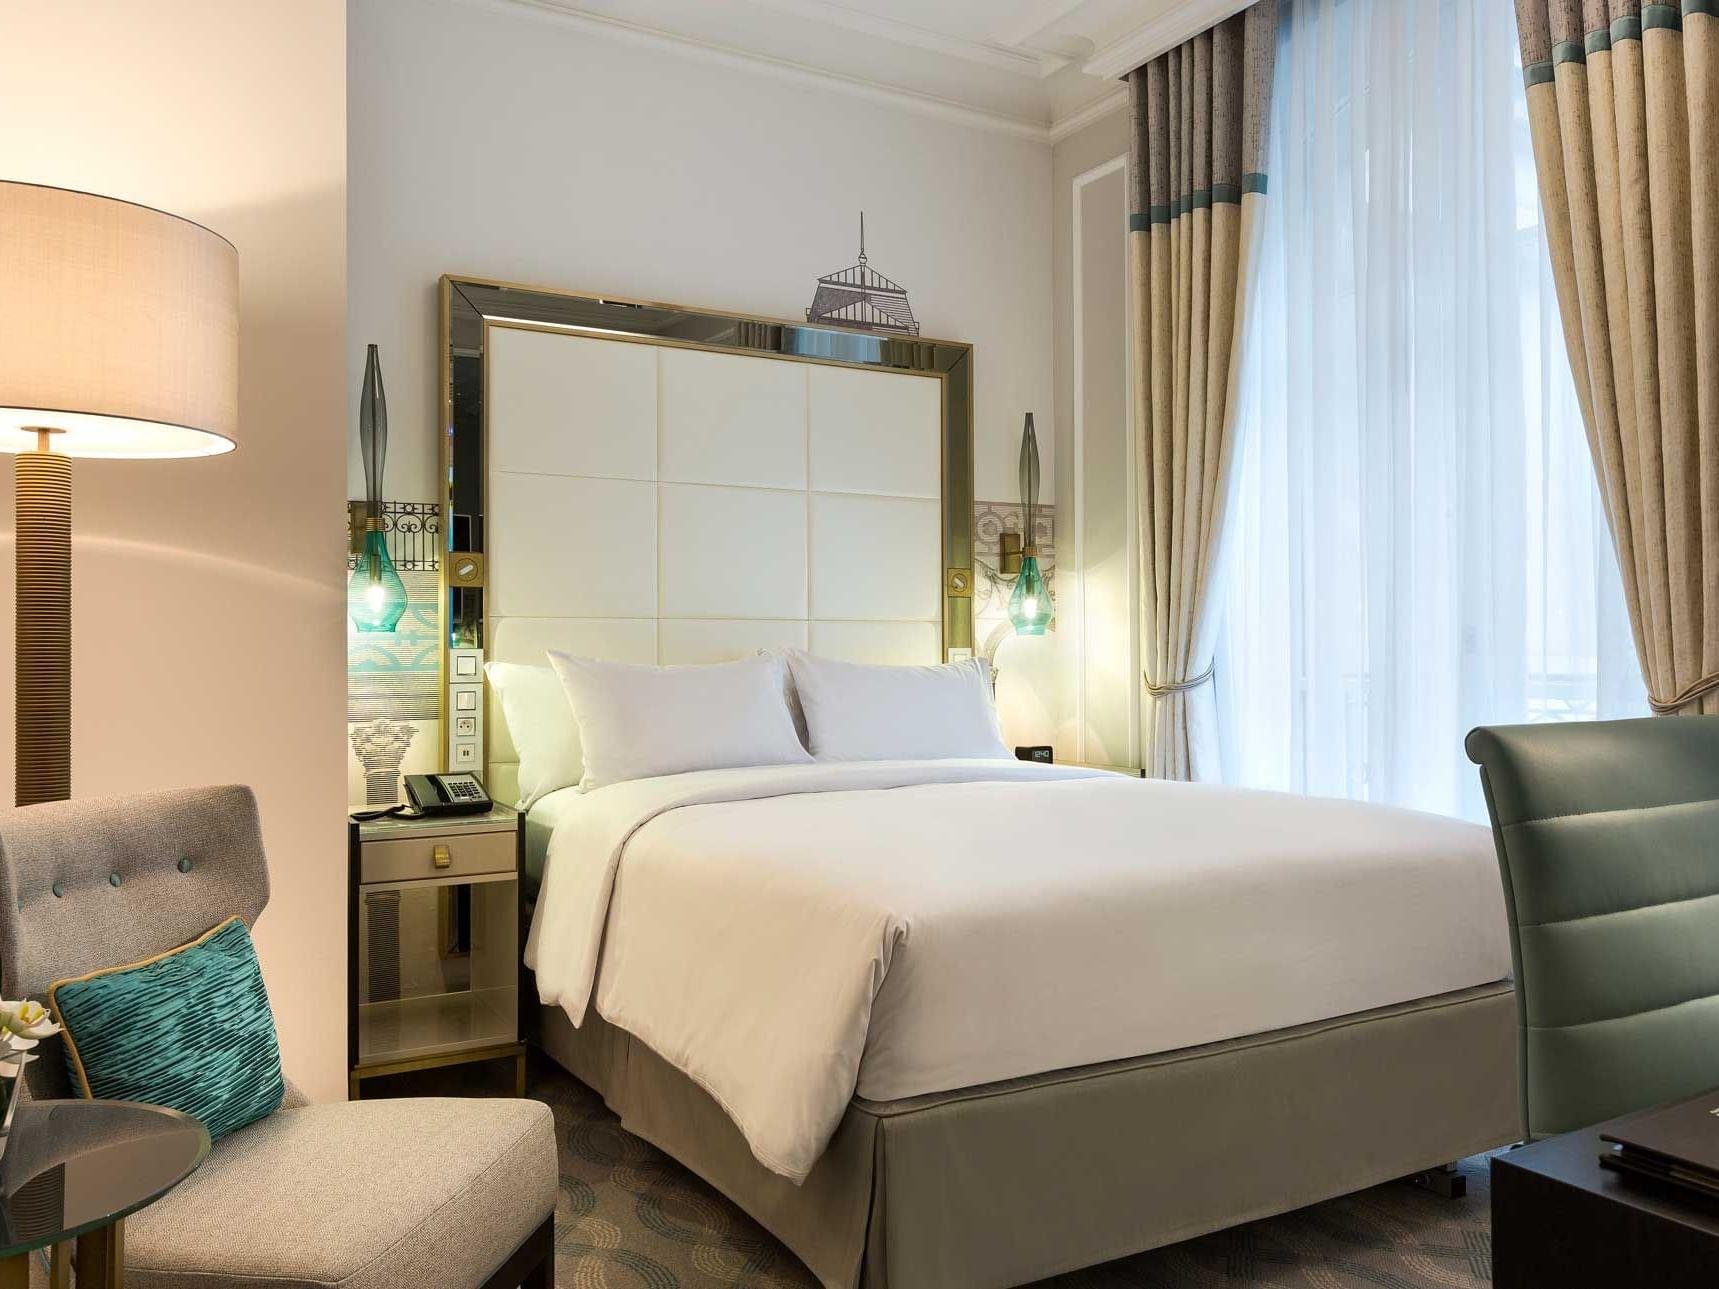 Queen Junior Suite bed & furniture at Hilton Paris Opera Hotel